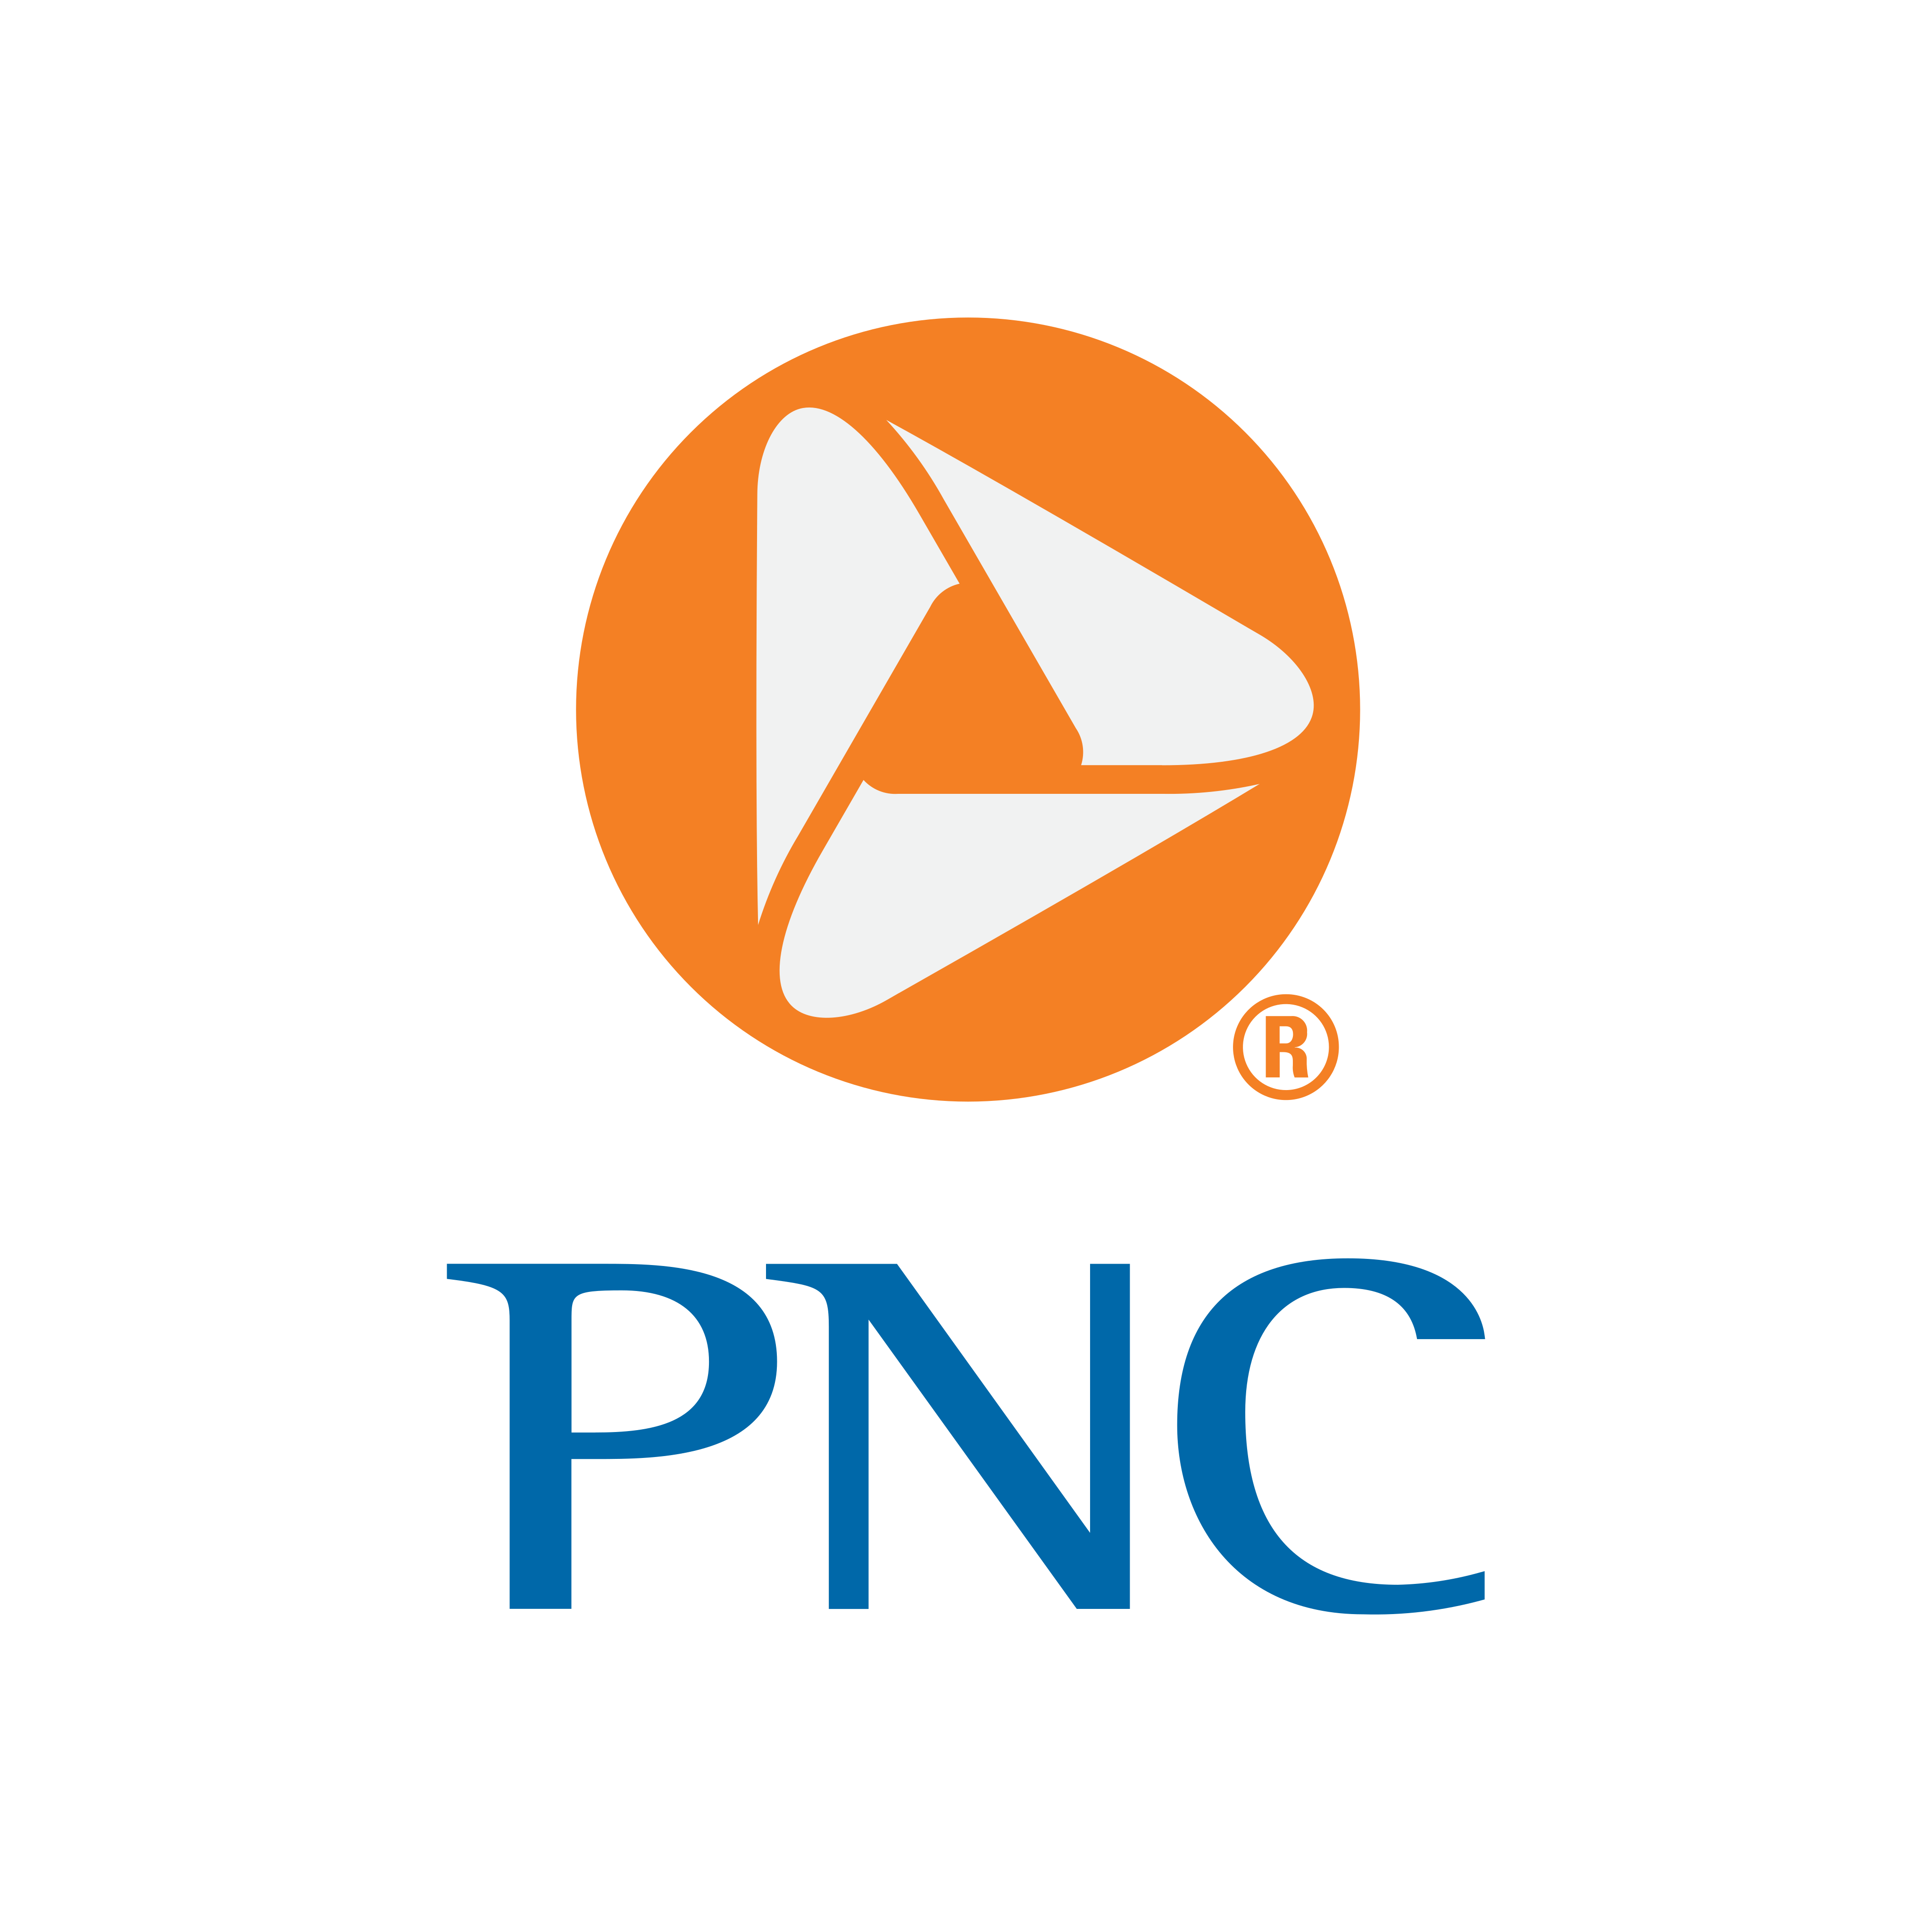 pnc bank logo 0 - PNC Bank Logo